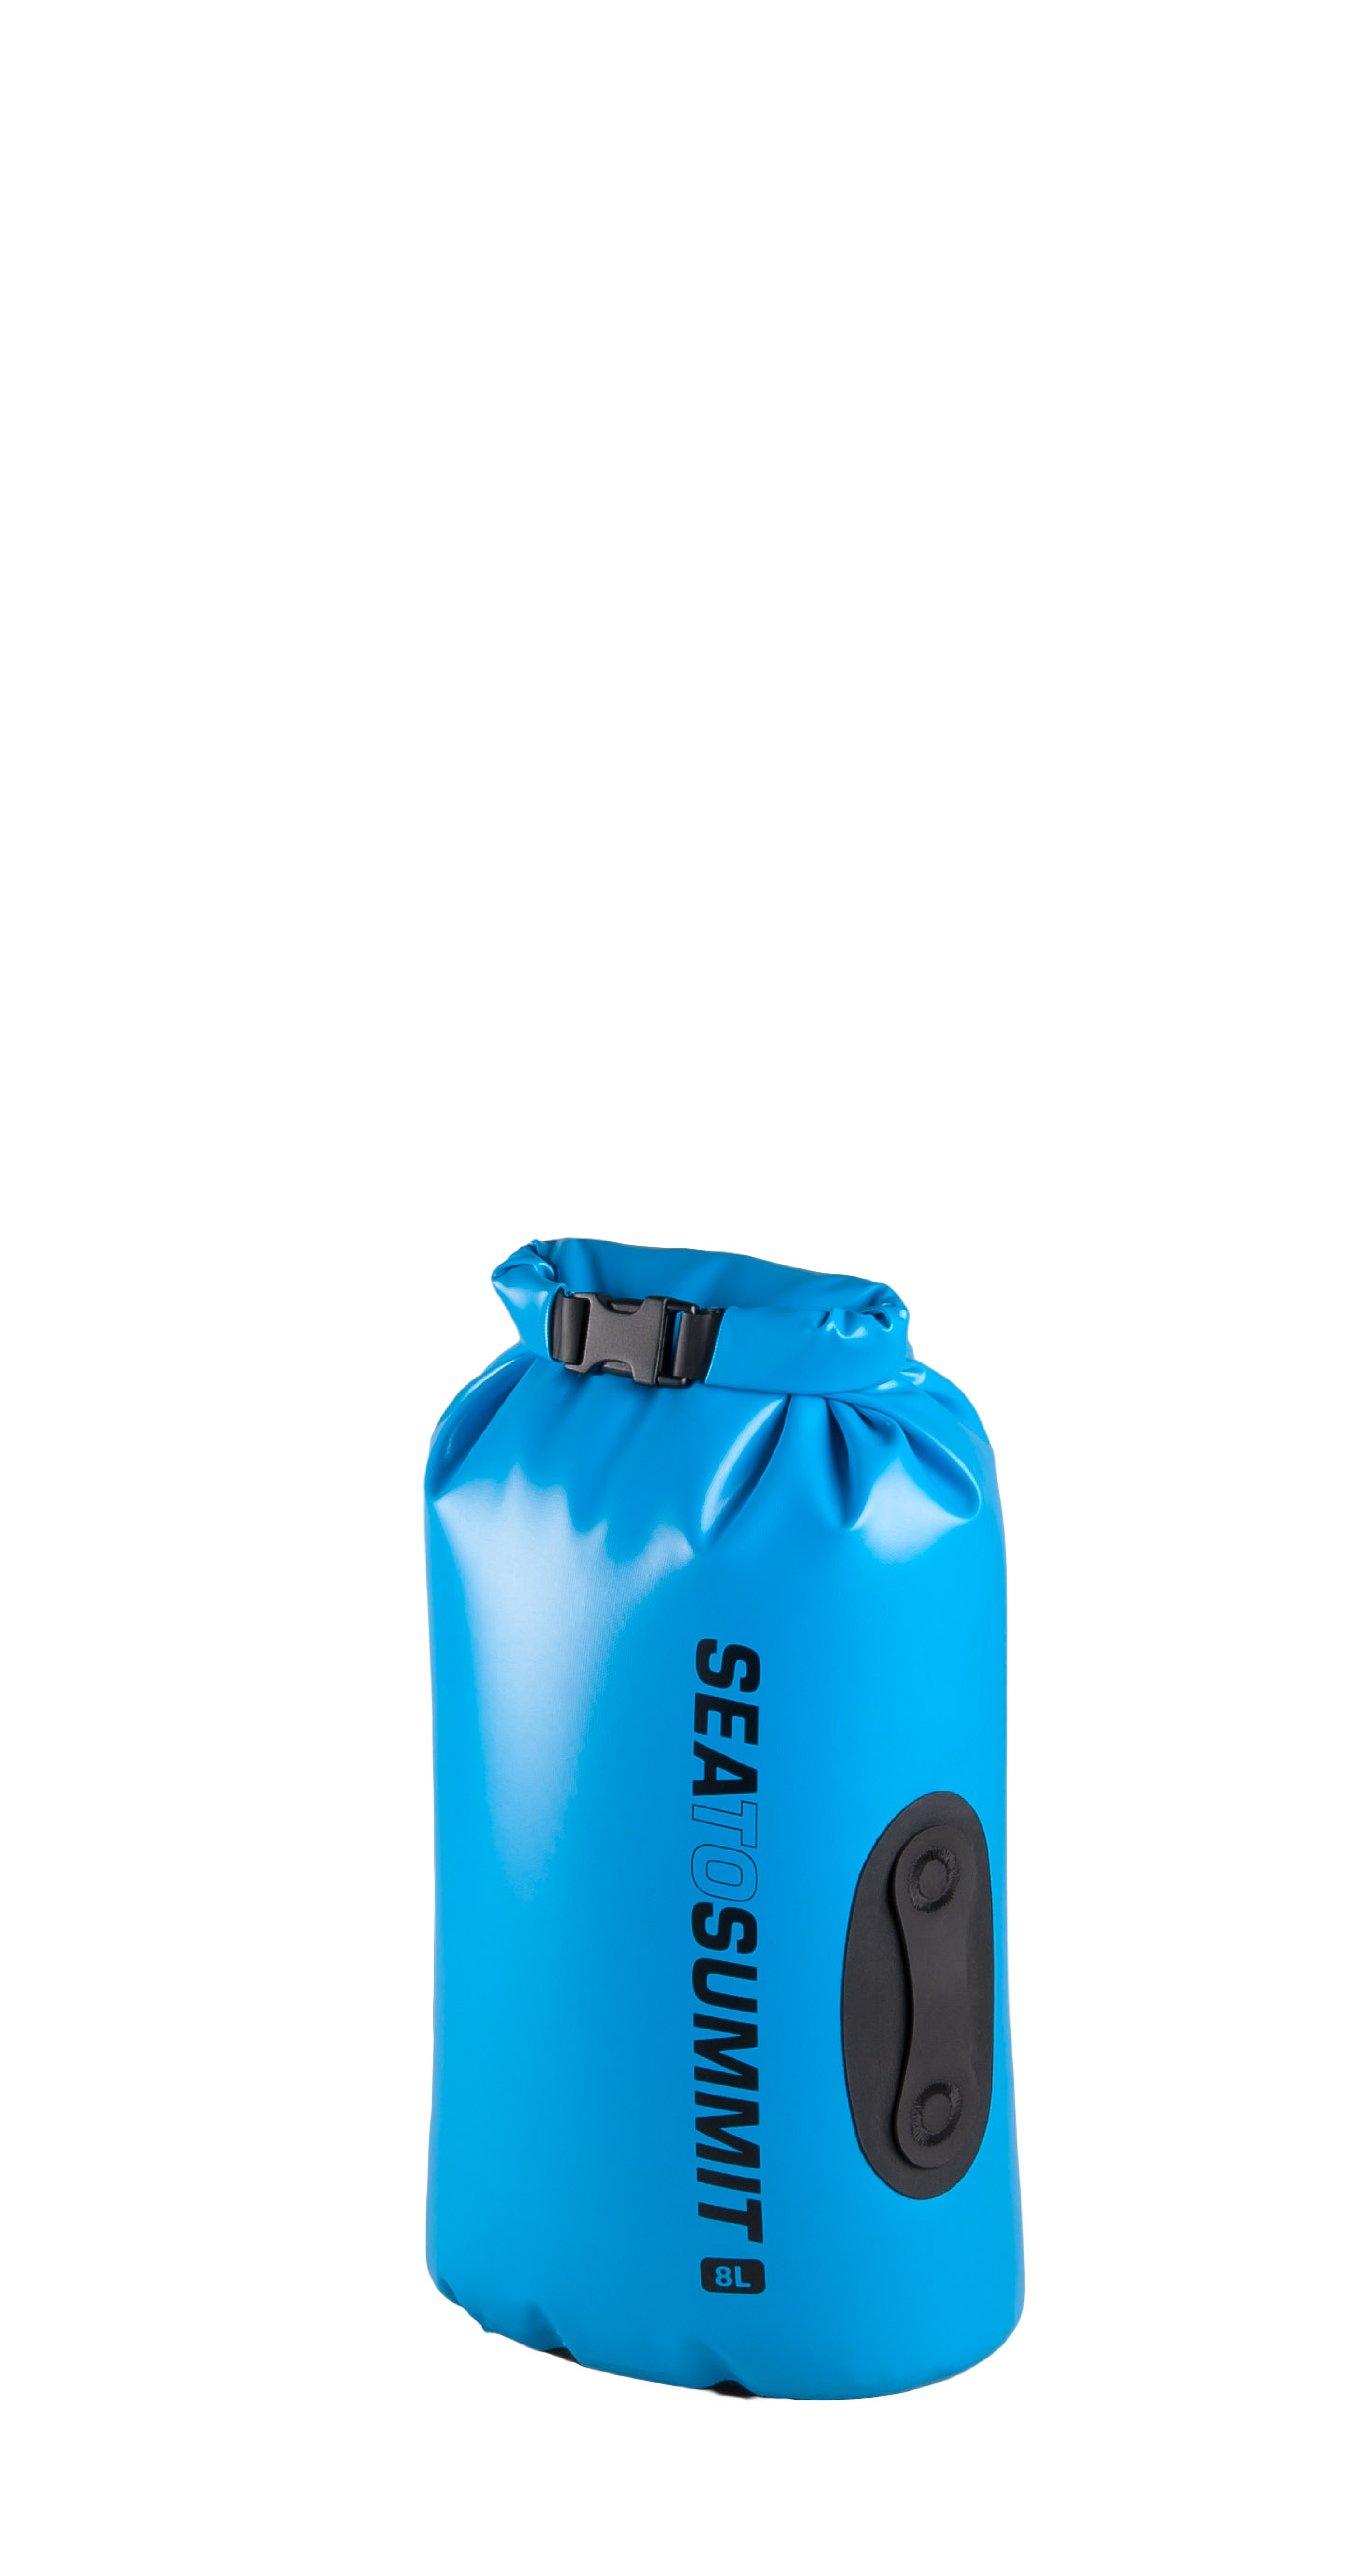 Sea to Summit Hydraulic Dry Bag - Black 8L